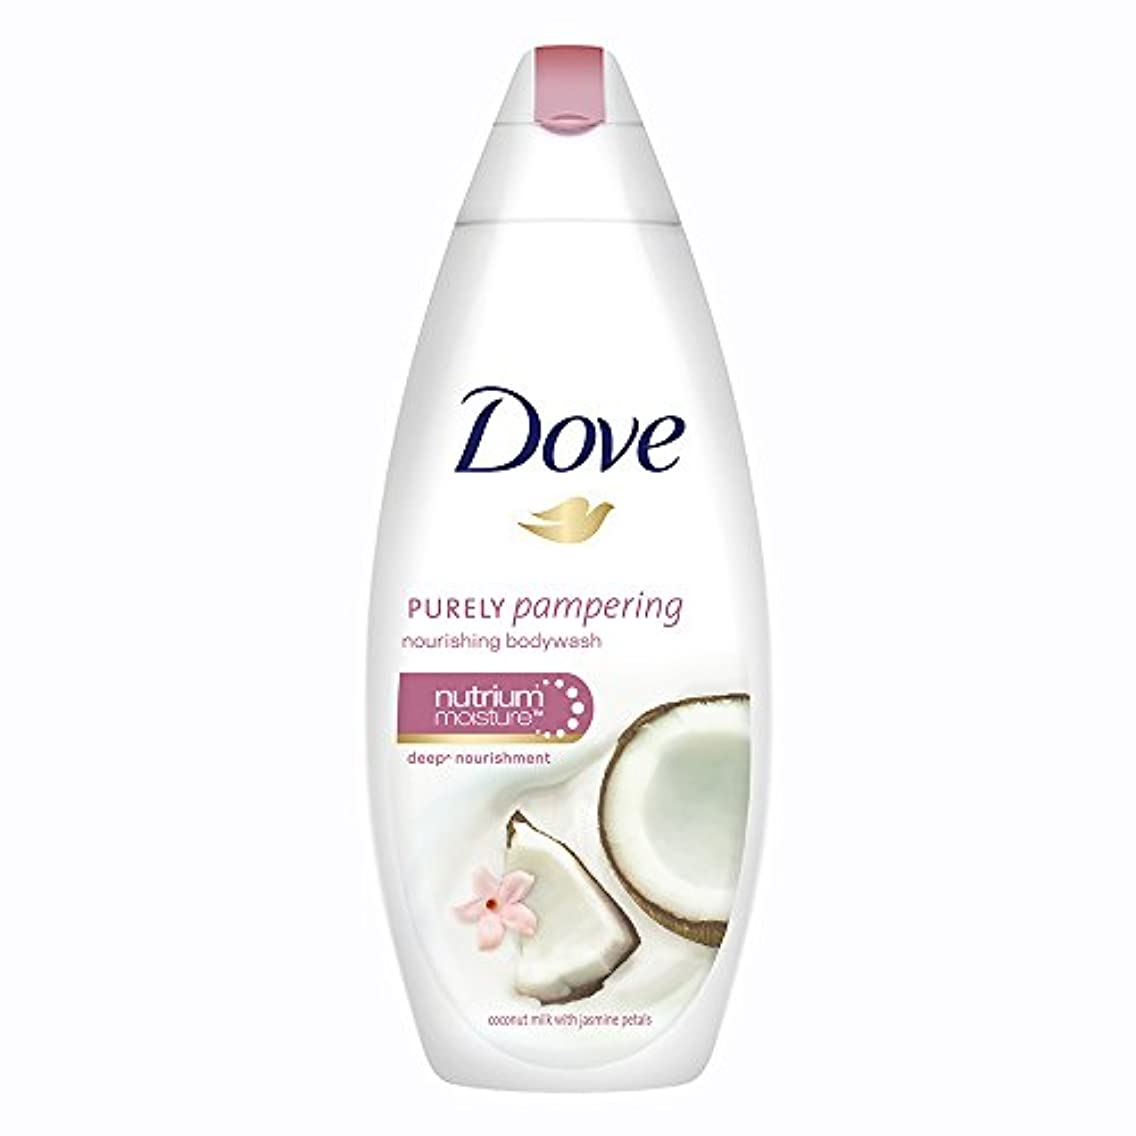 ストッキングマニュアルサーキットに行くDove Purely Pampering Coconut Milk and Jas Petals Body Wash, 190ml